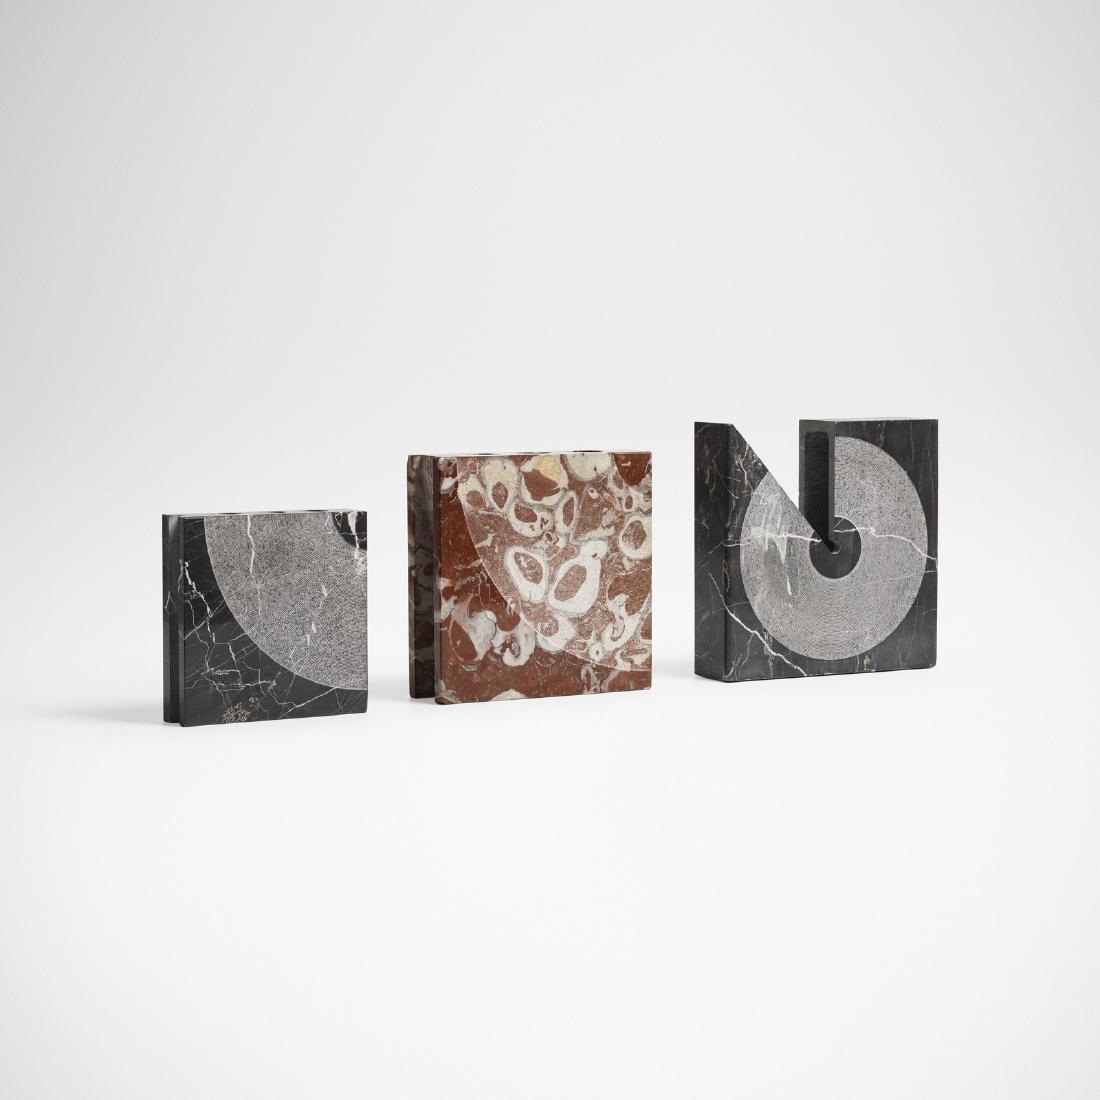 Sergio Asti, vases, set of three